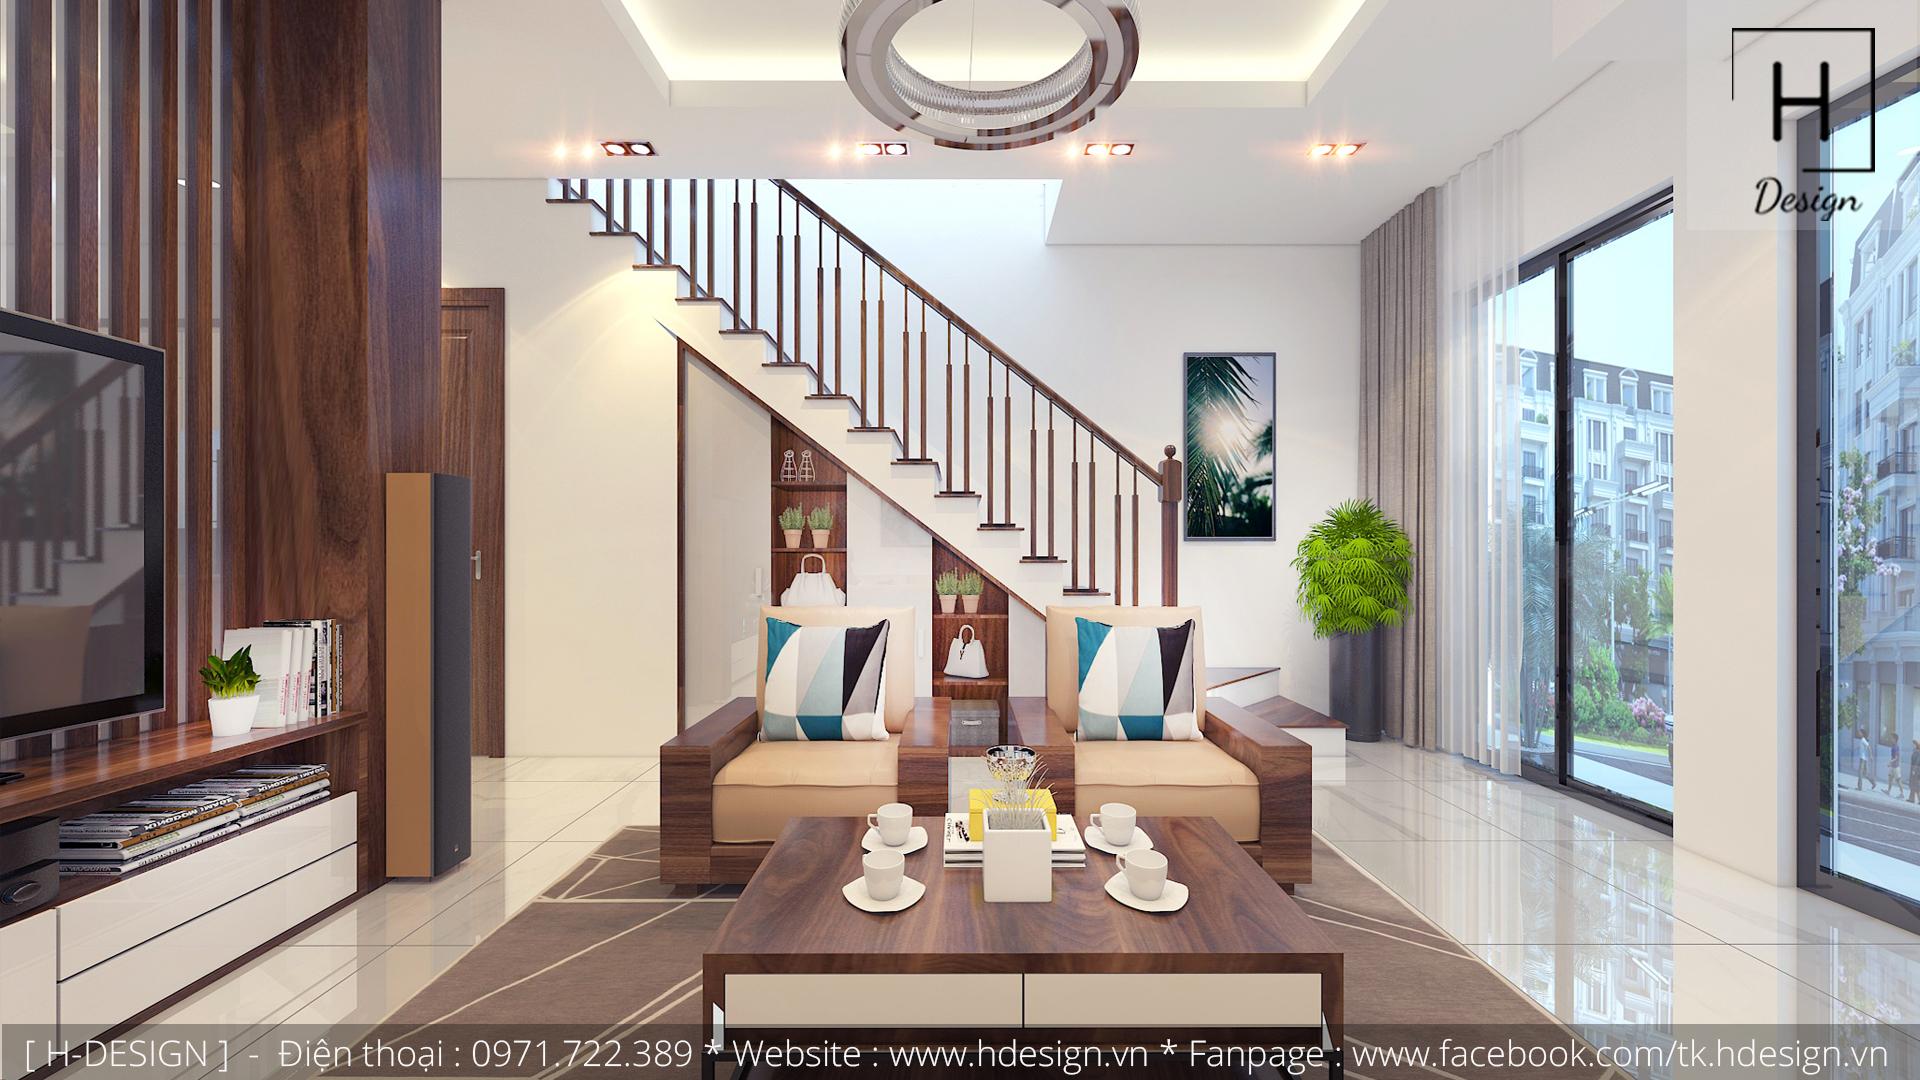 Thiết kế thi công nội thất nhà phố đẹp tại Tây Hồ - Hà Nội 1